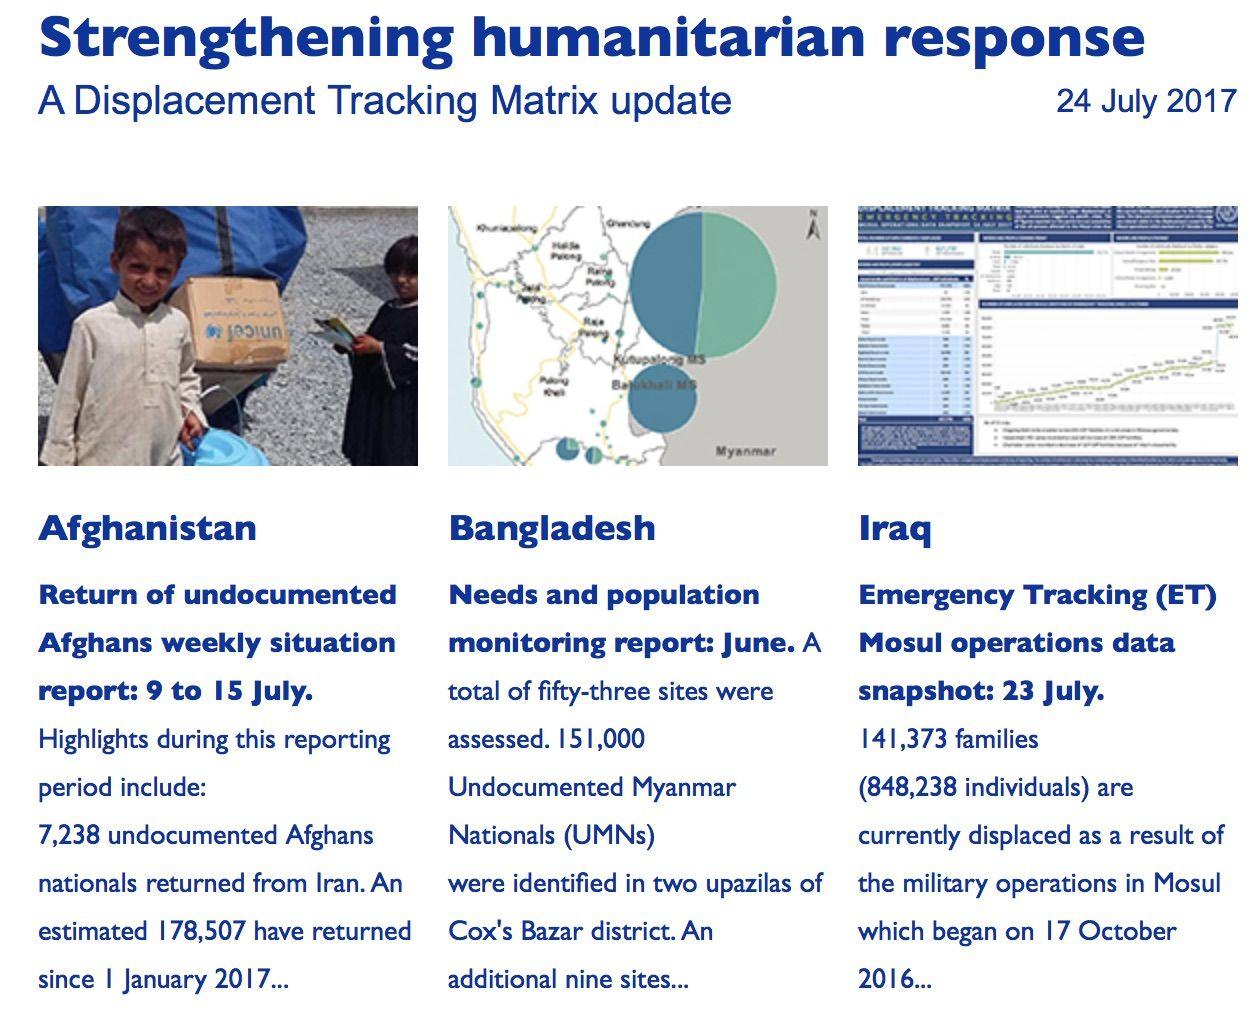 Strengthening humanitarian response: A Displacement Tracking